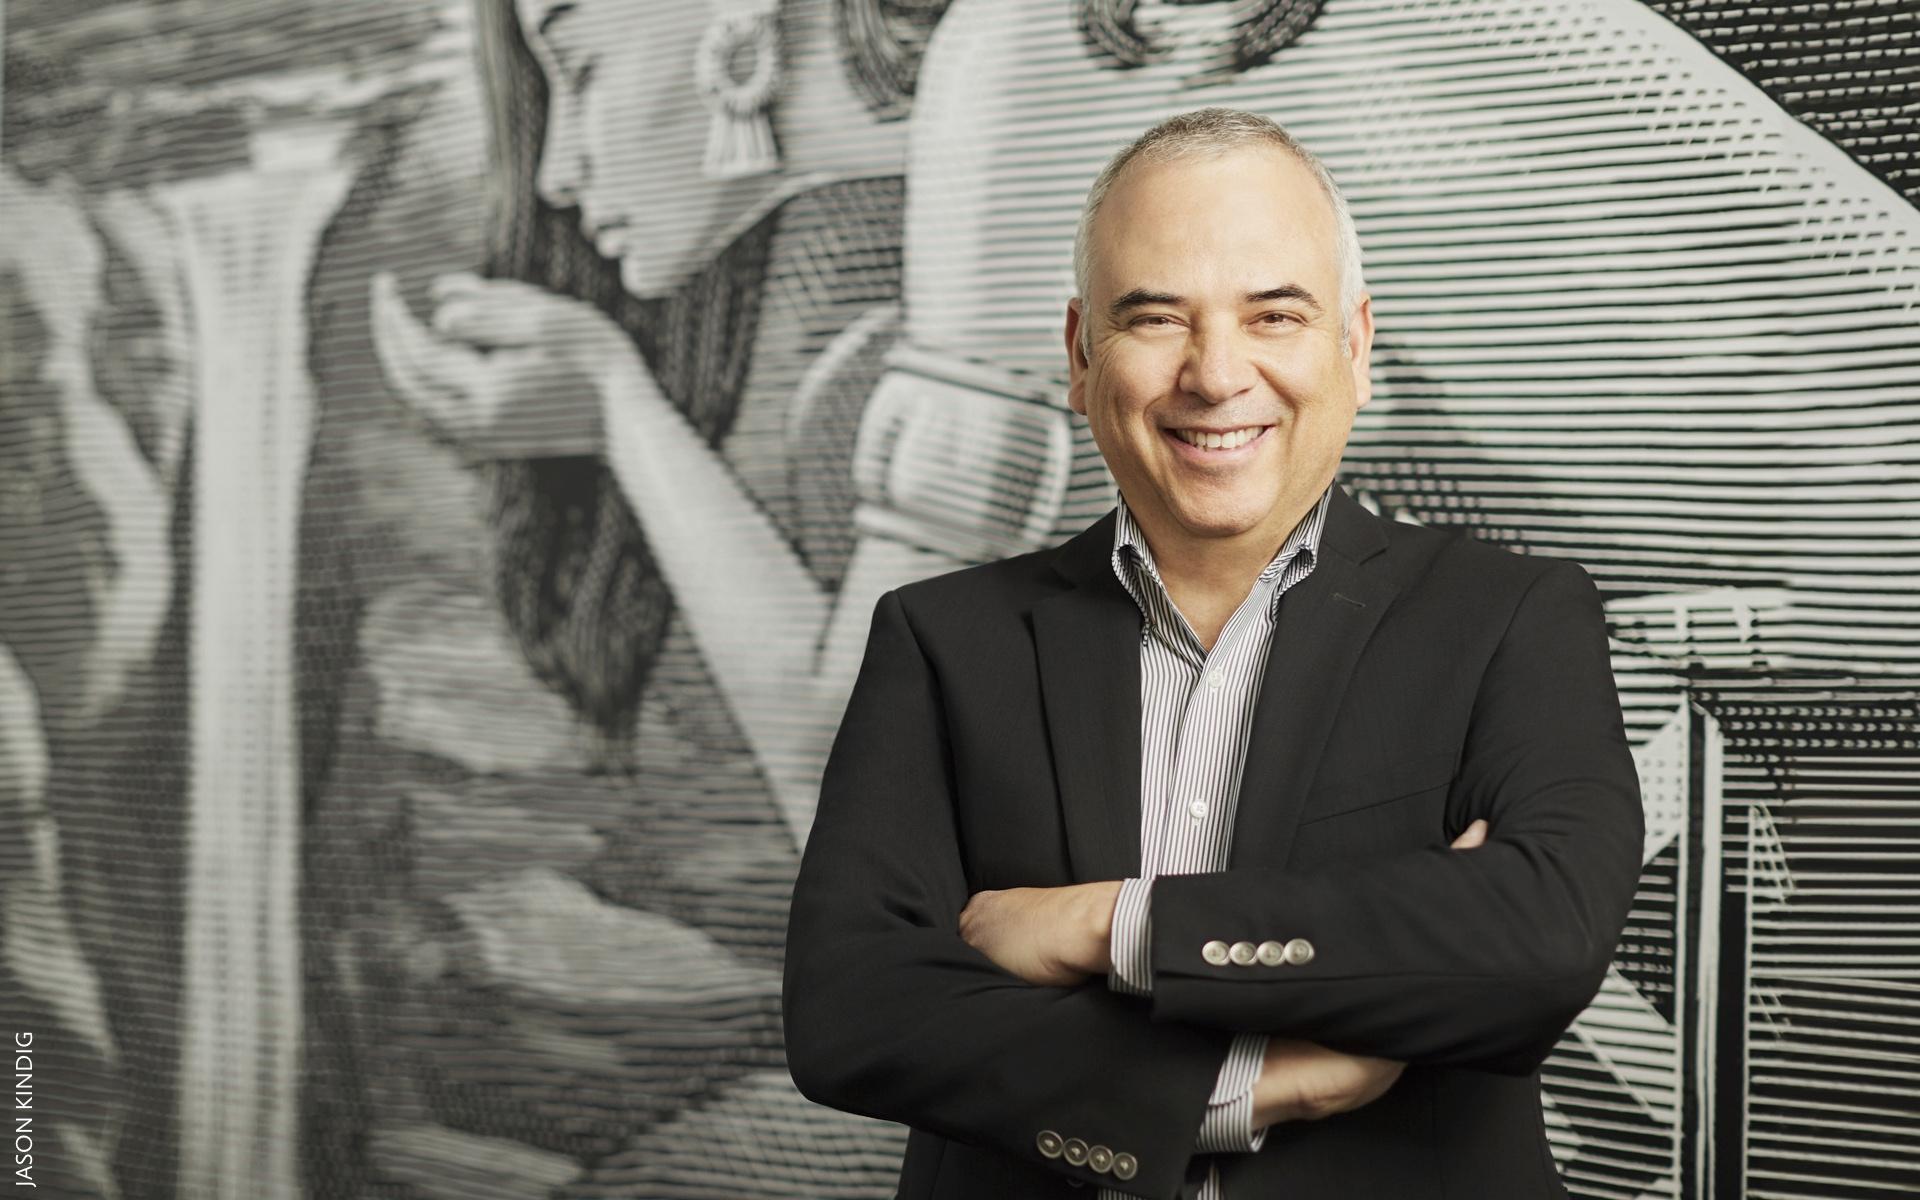 Gerardo Galvan